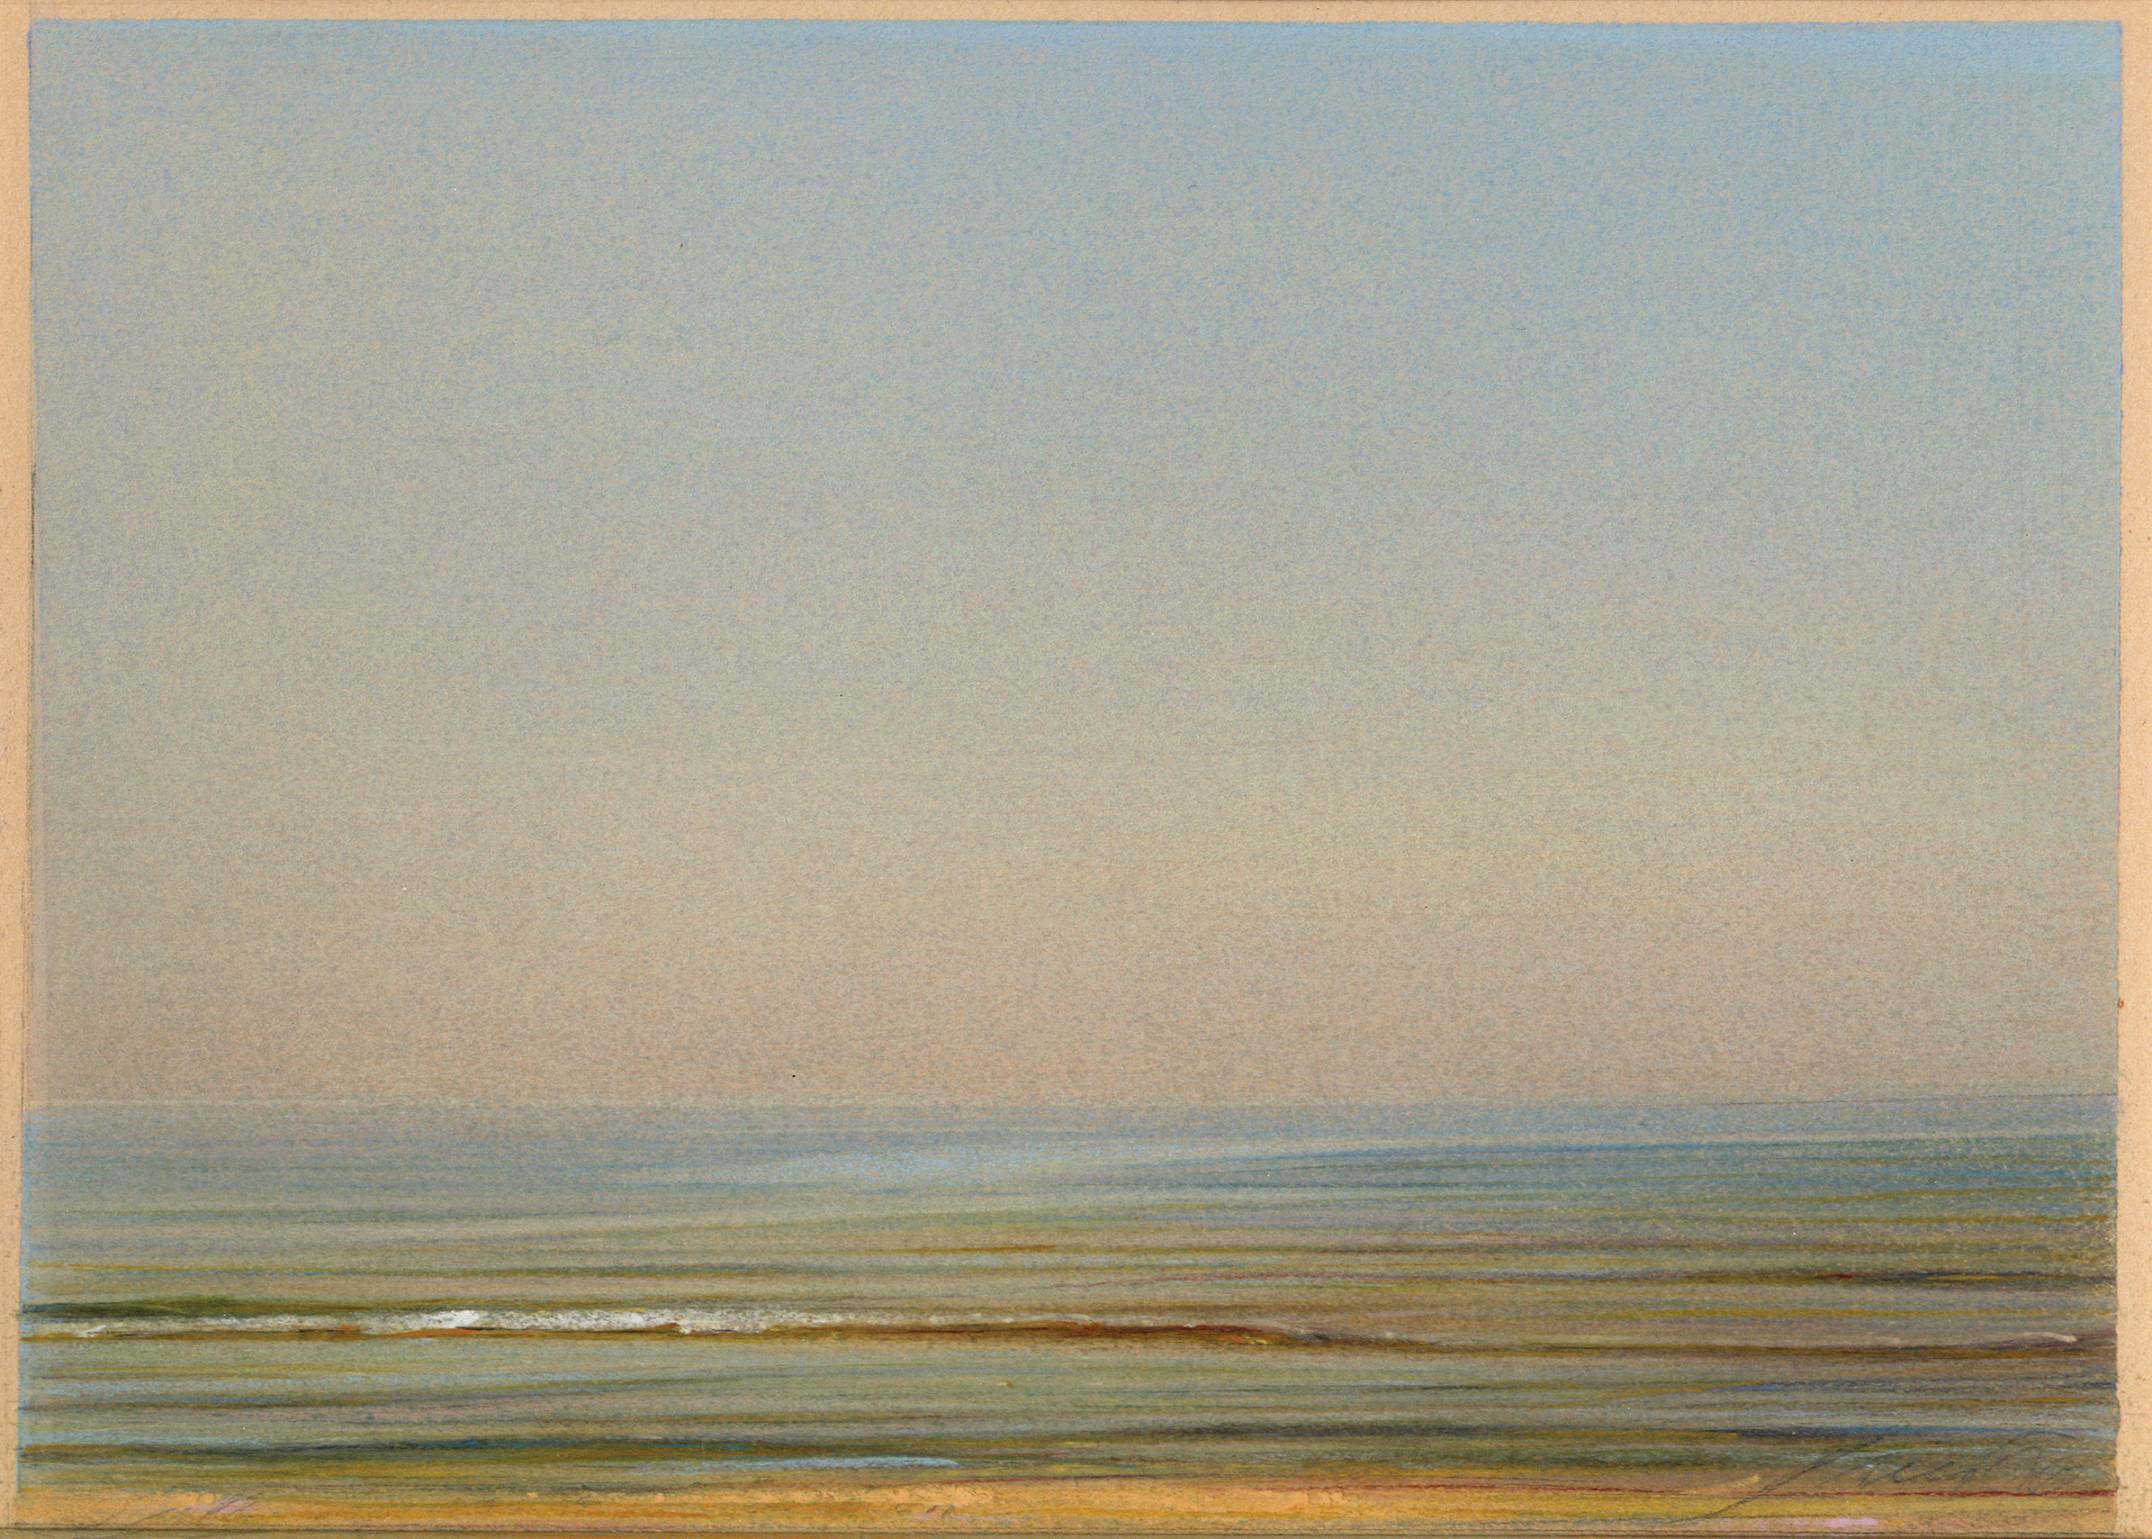 Piero Guccione, Piccola spiaggia, 2001, pastello cm 17x24